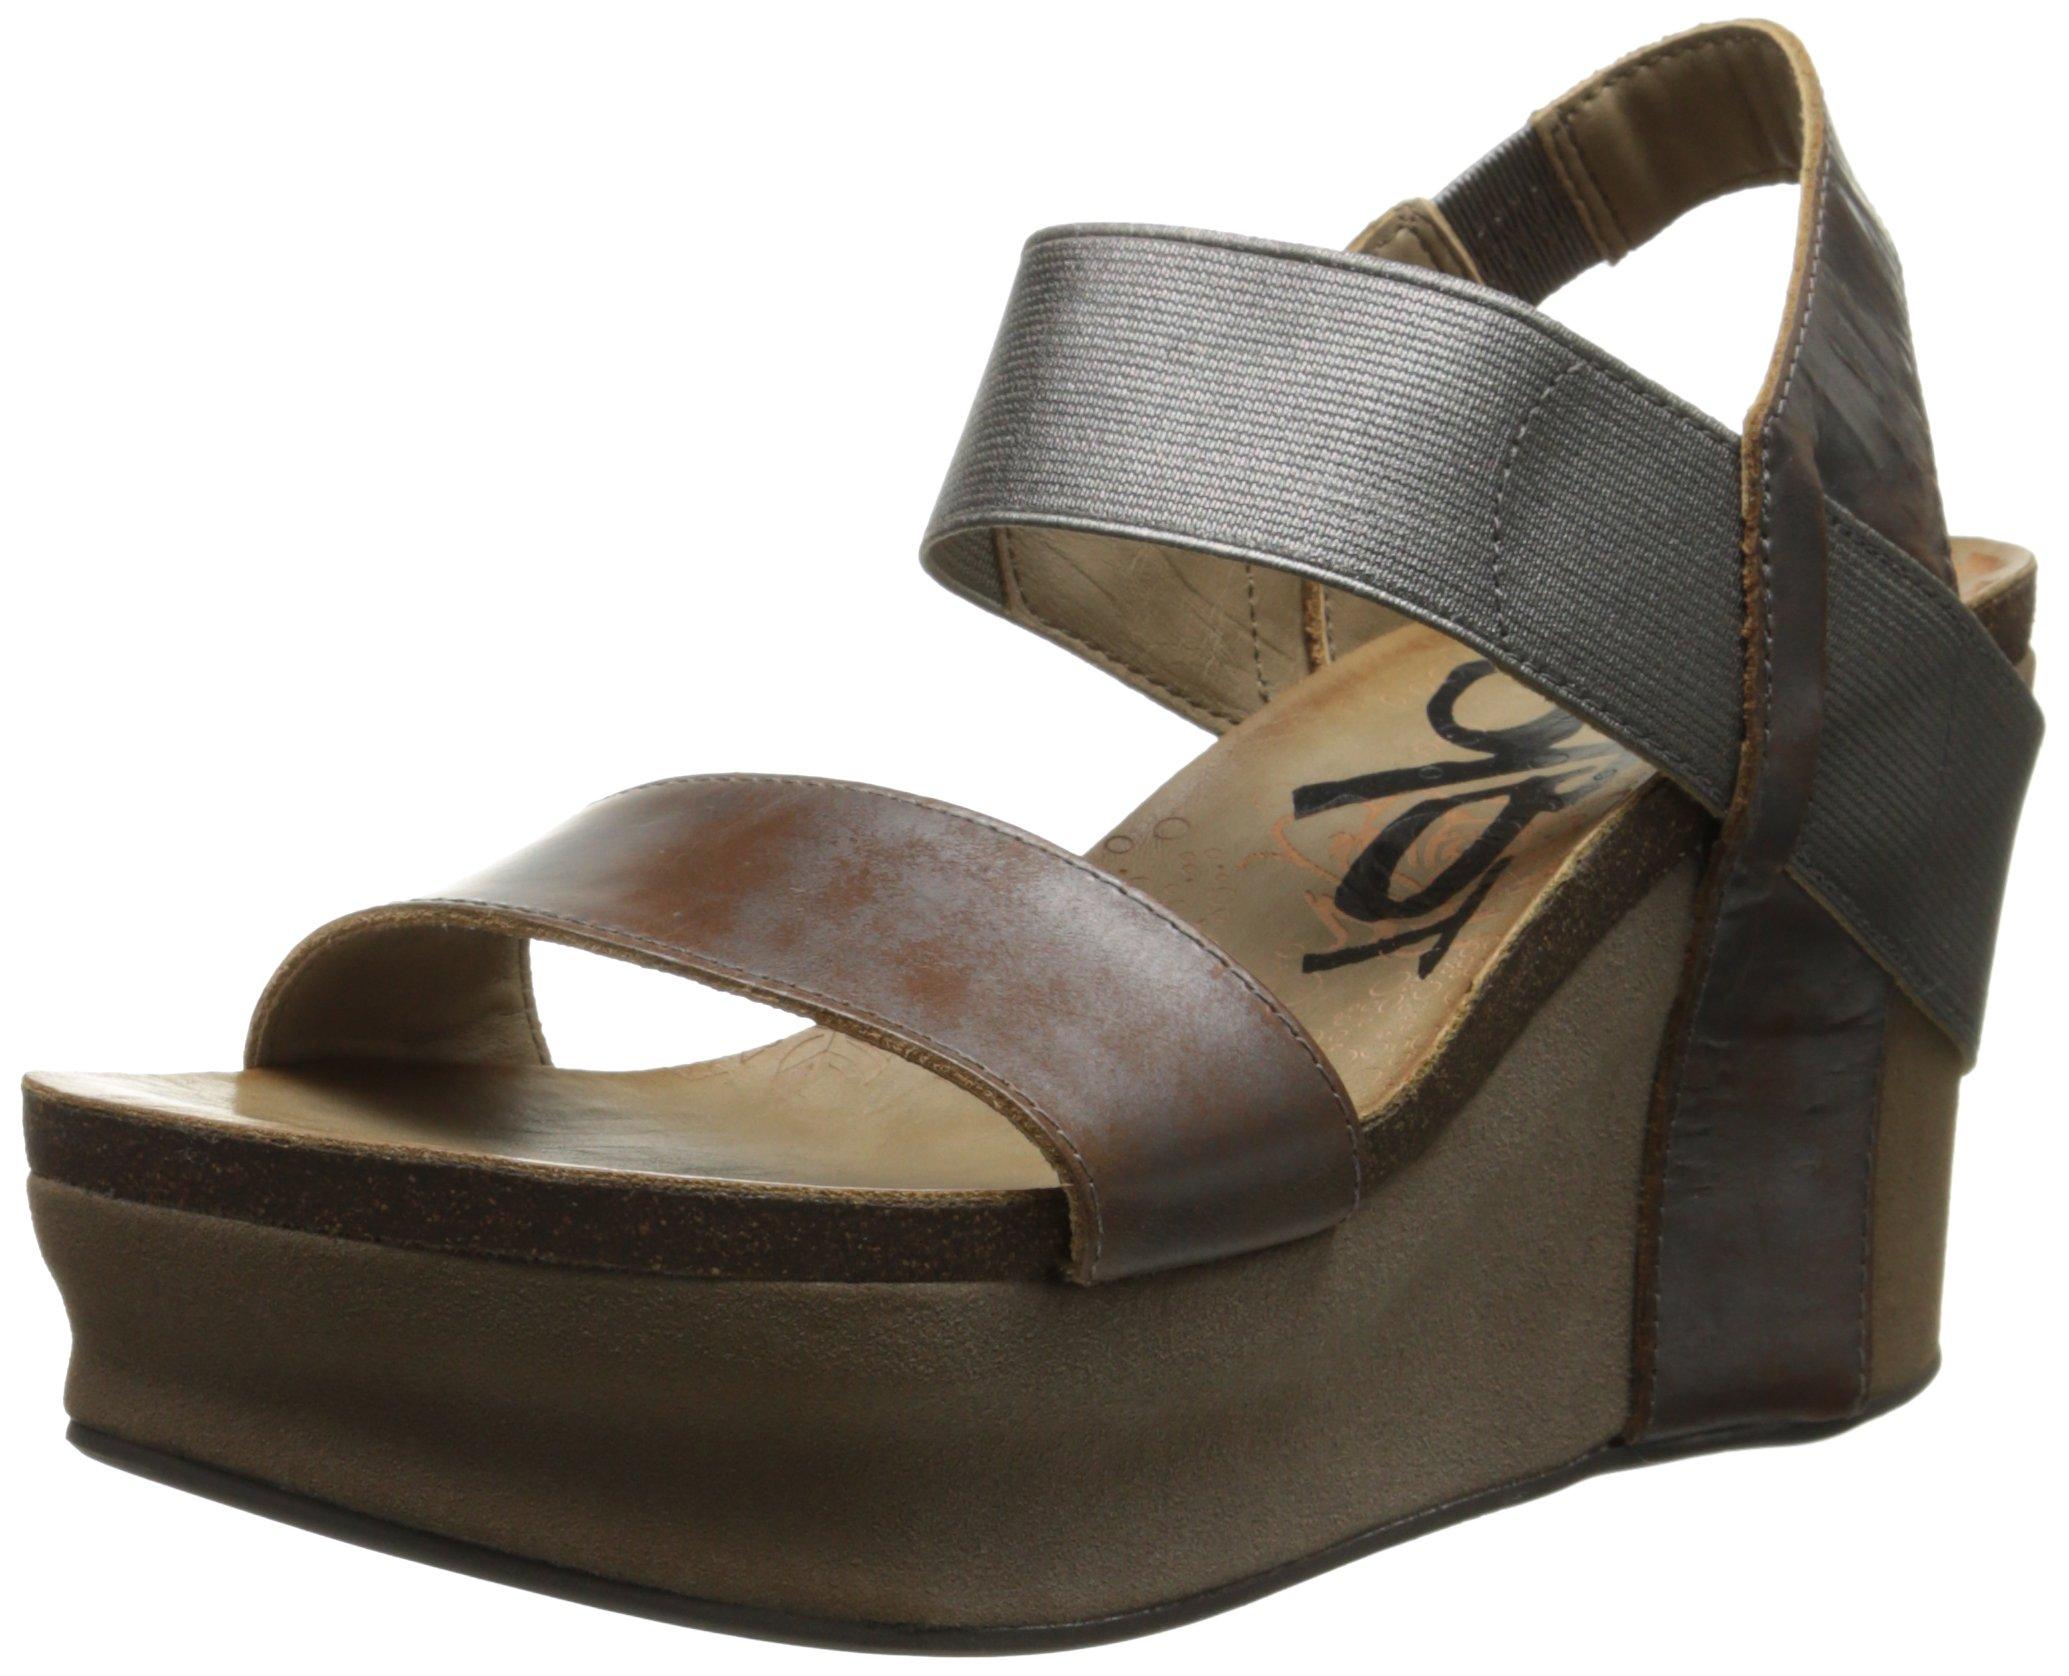 OTBT Women's Bushnell Wedge Sandal, Pewter, 7 M US